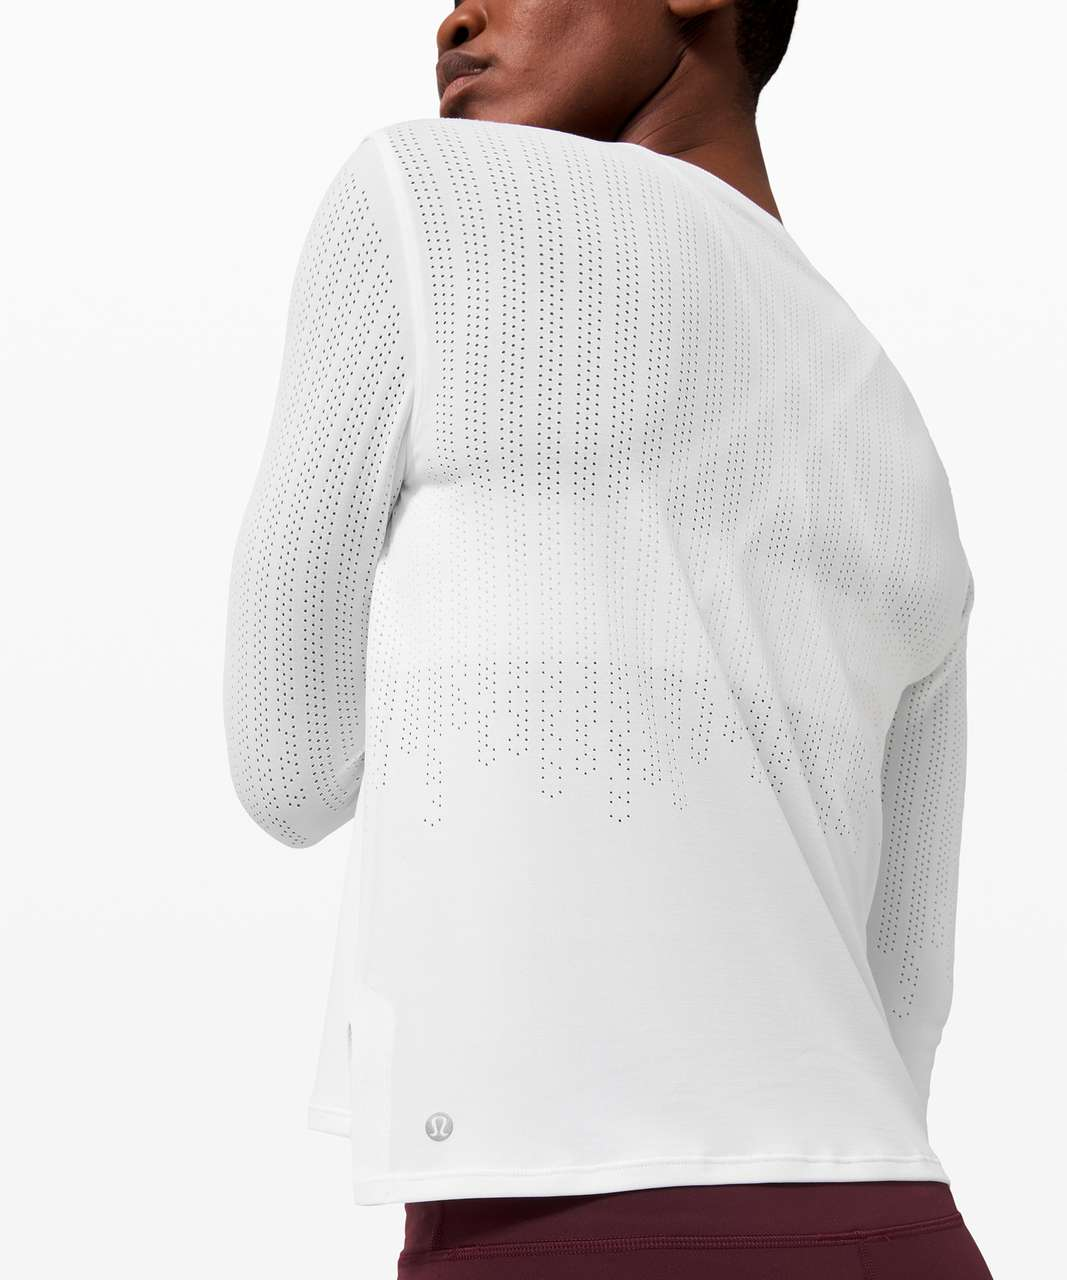 Lululemon Train to Be Long Sleeve - White / White